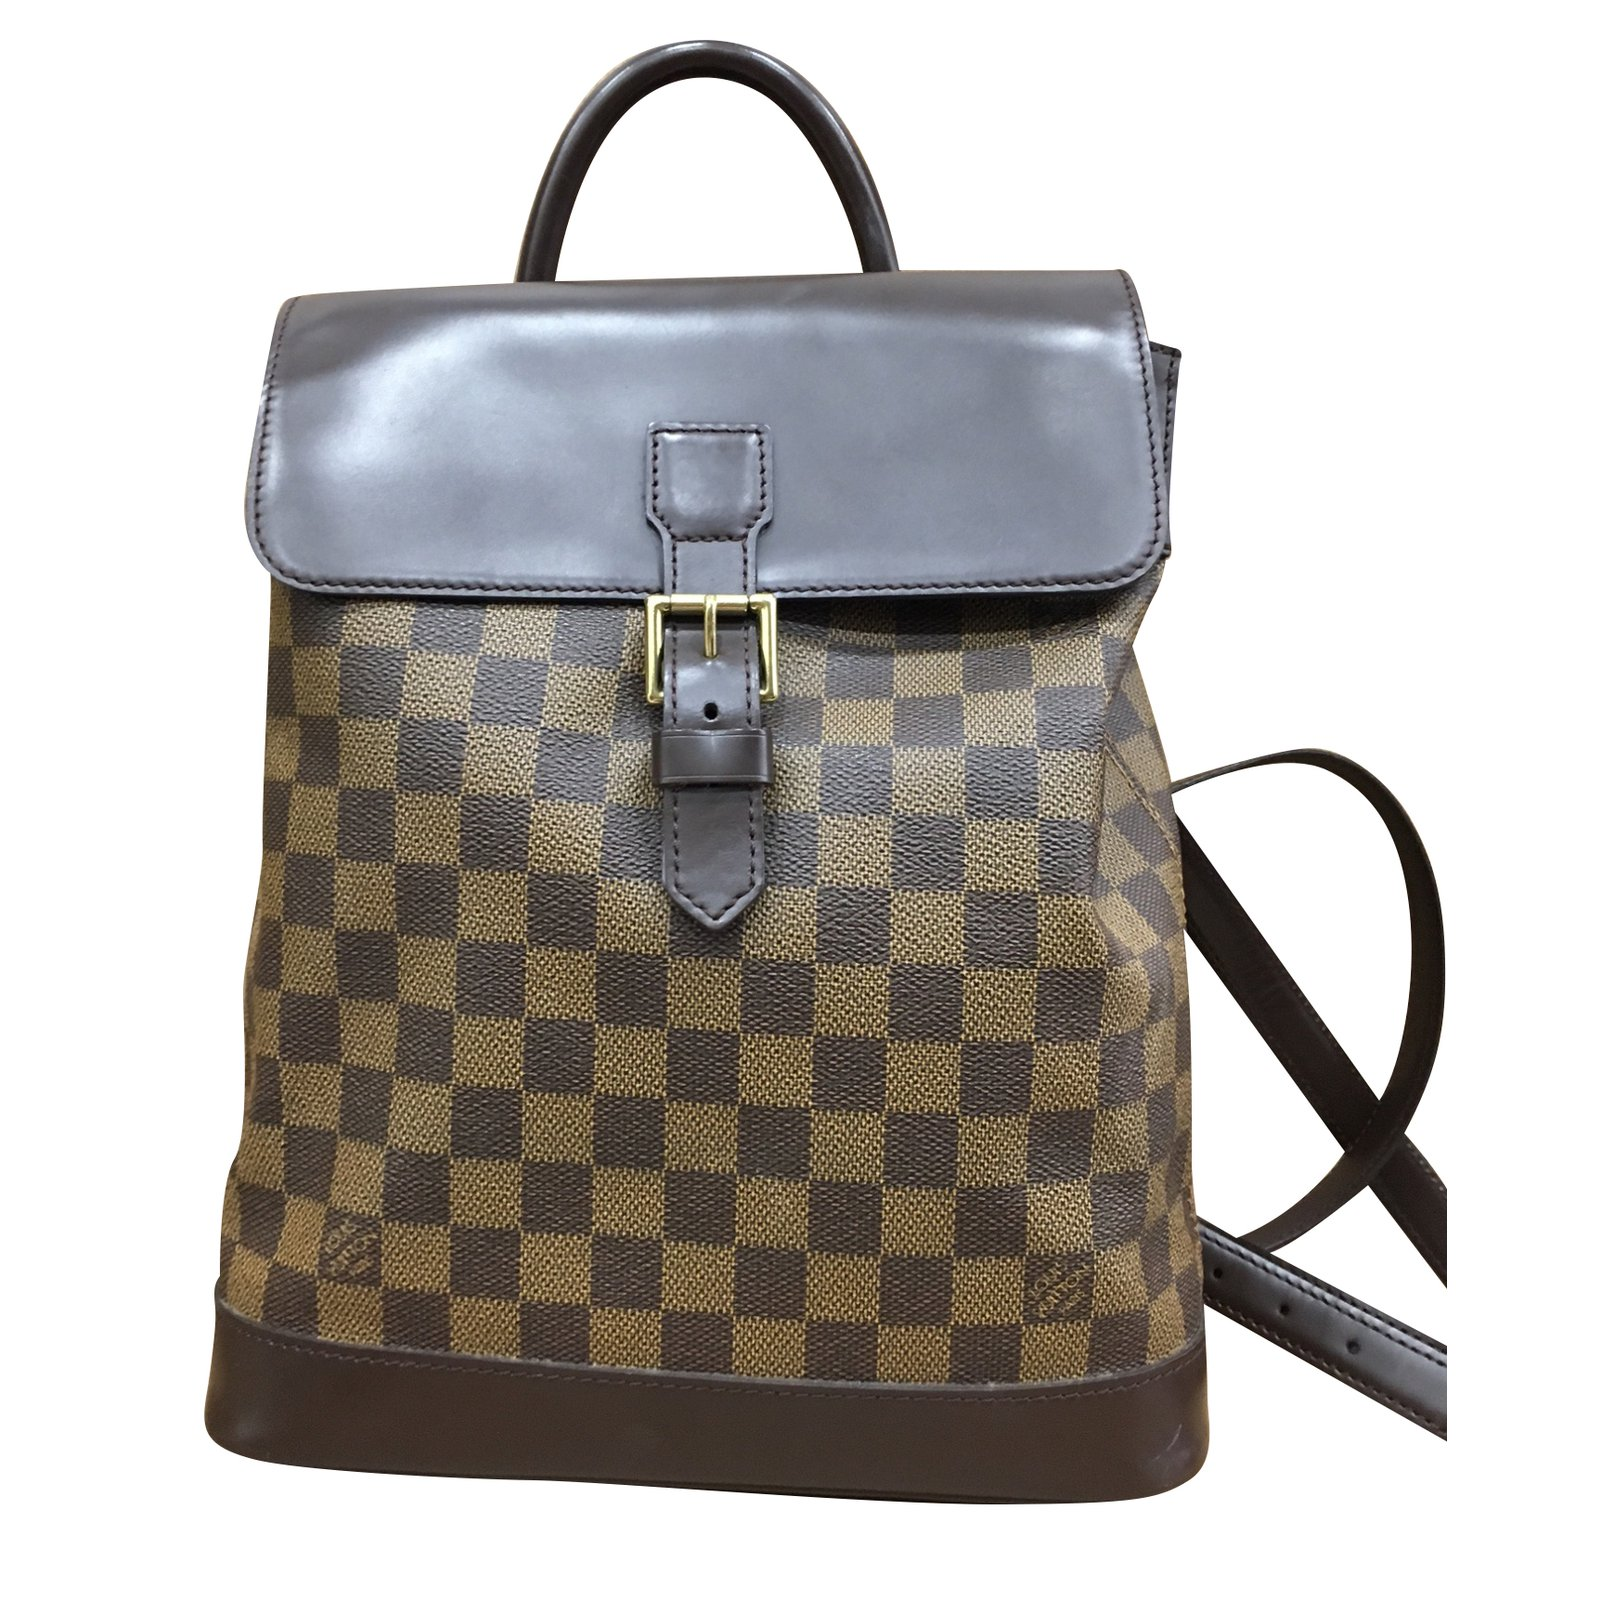 Sacs A Dos Femme Louis Vuitton Jaguar Clubs Of North America